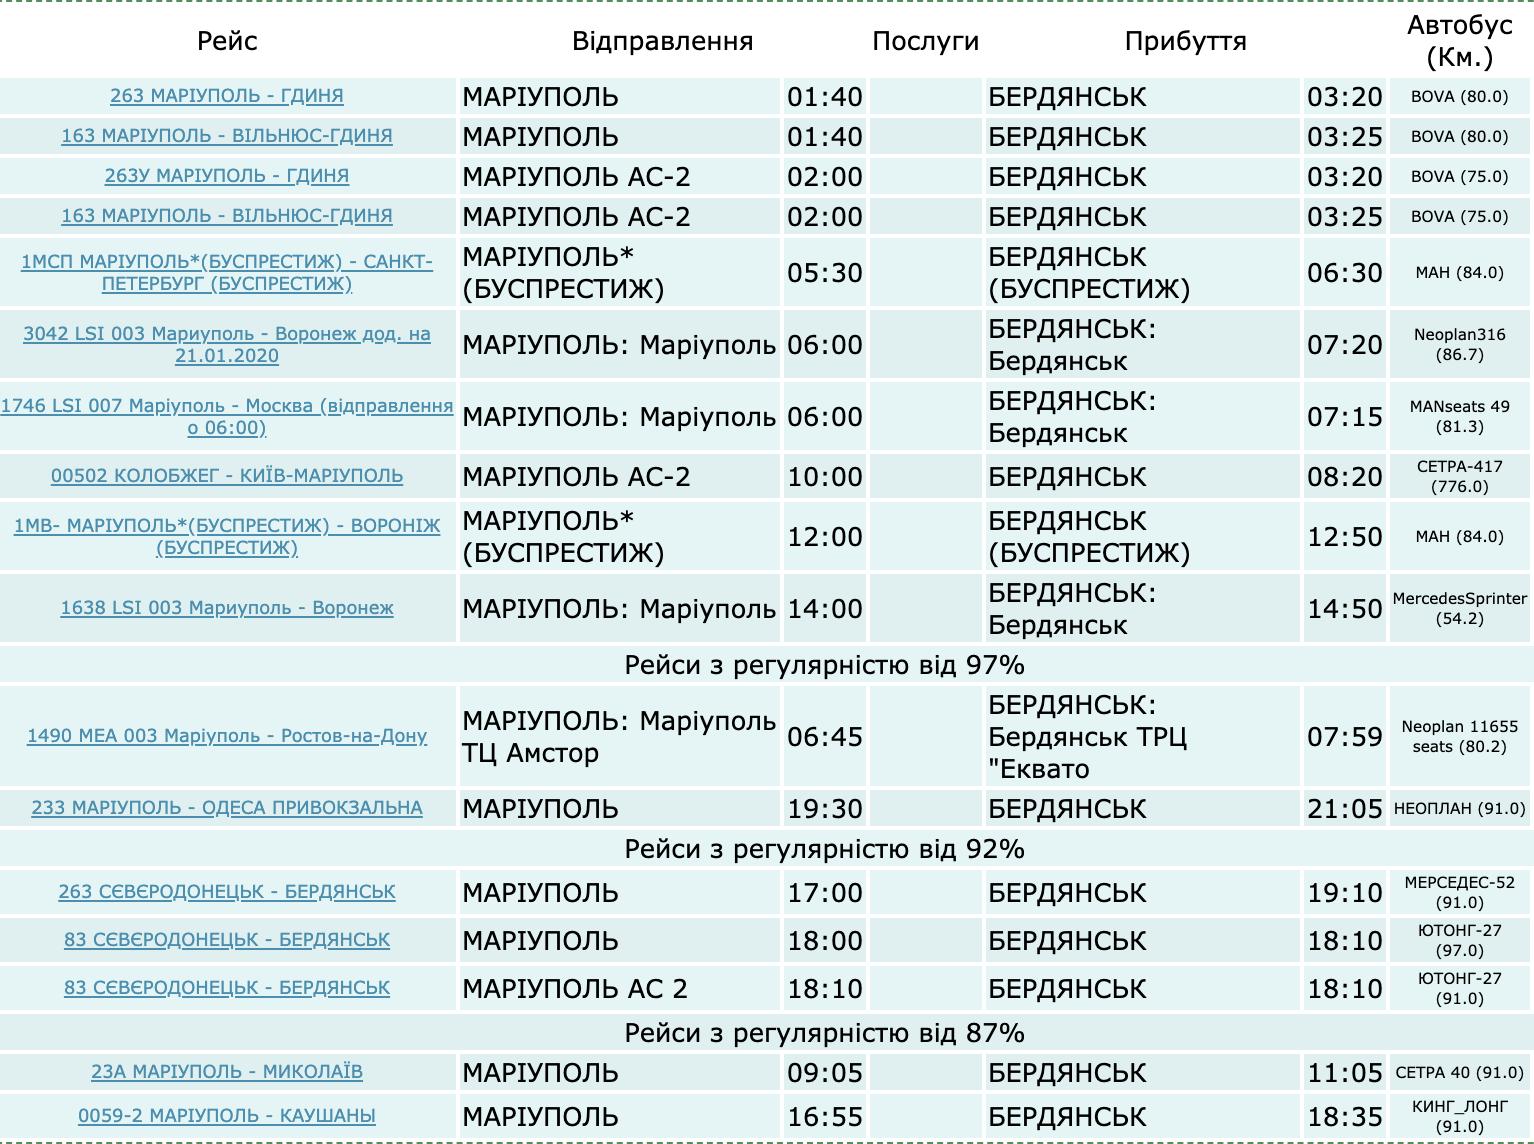 Как добраться до Бердянска на автобусе из Мариуполя. Расписание